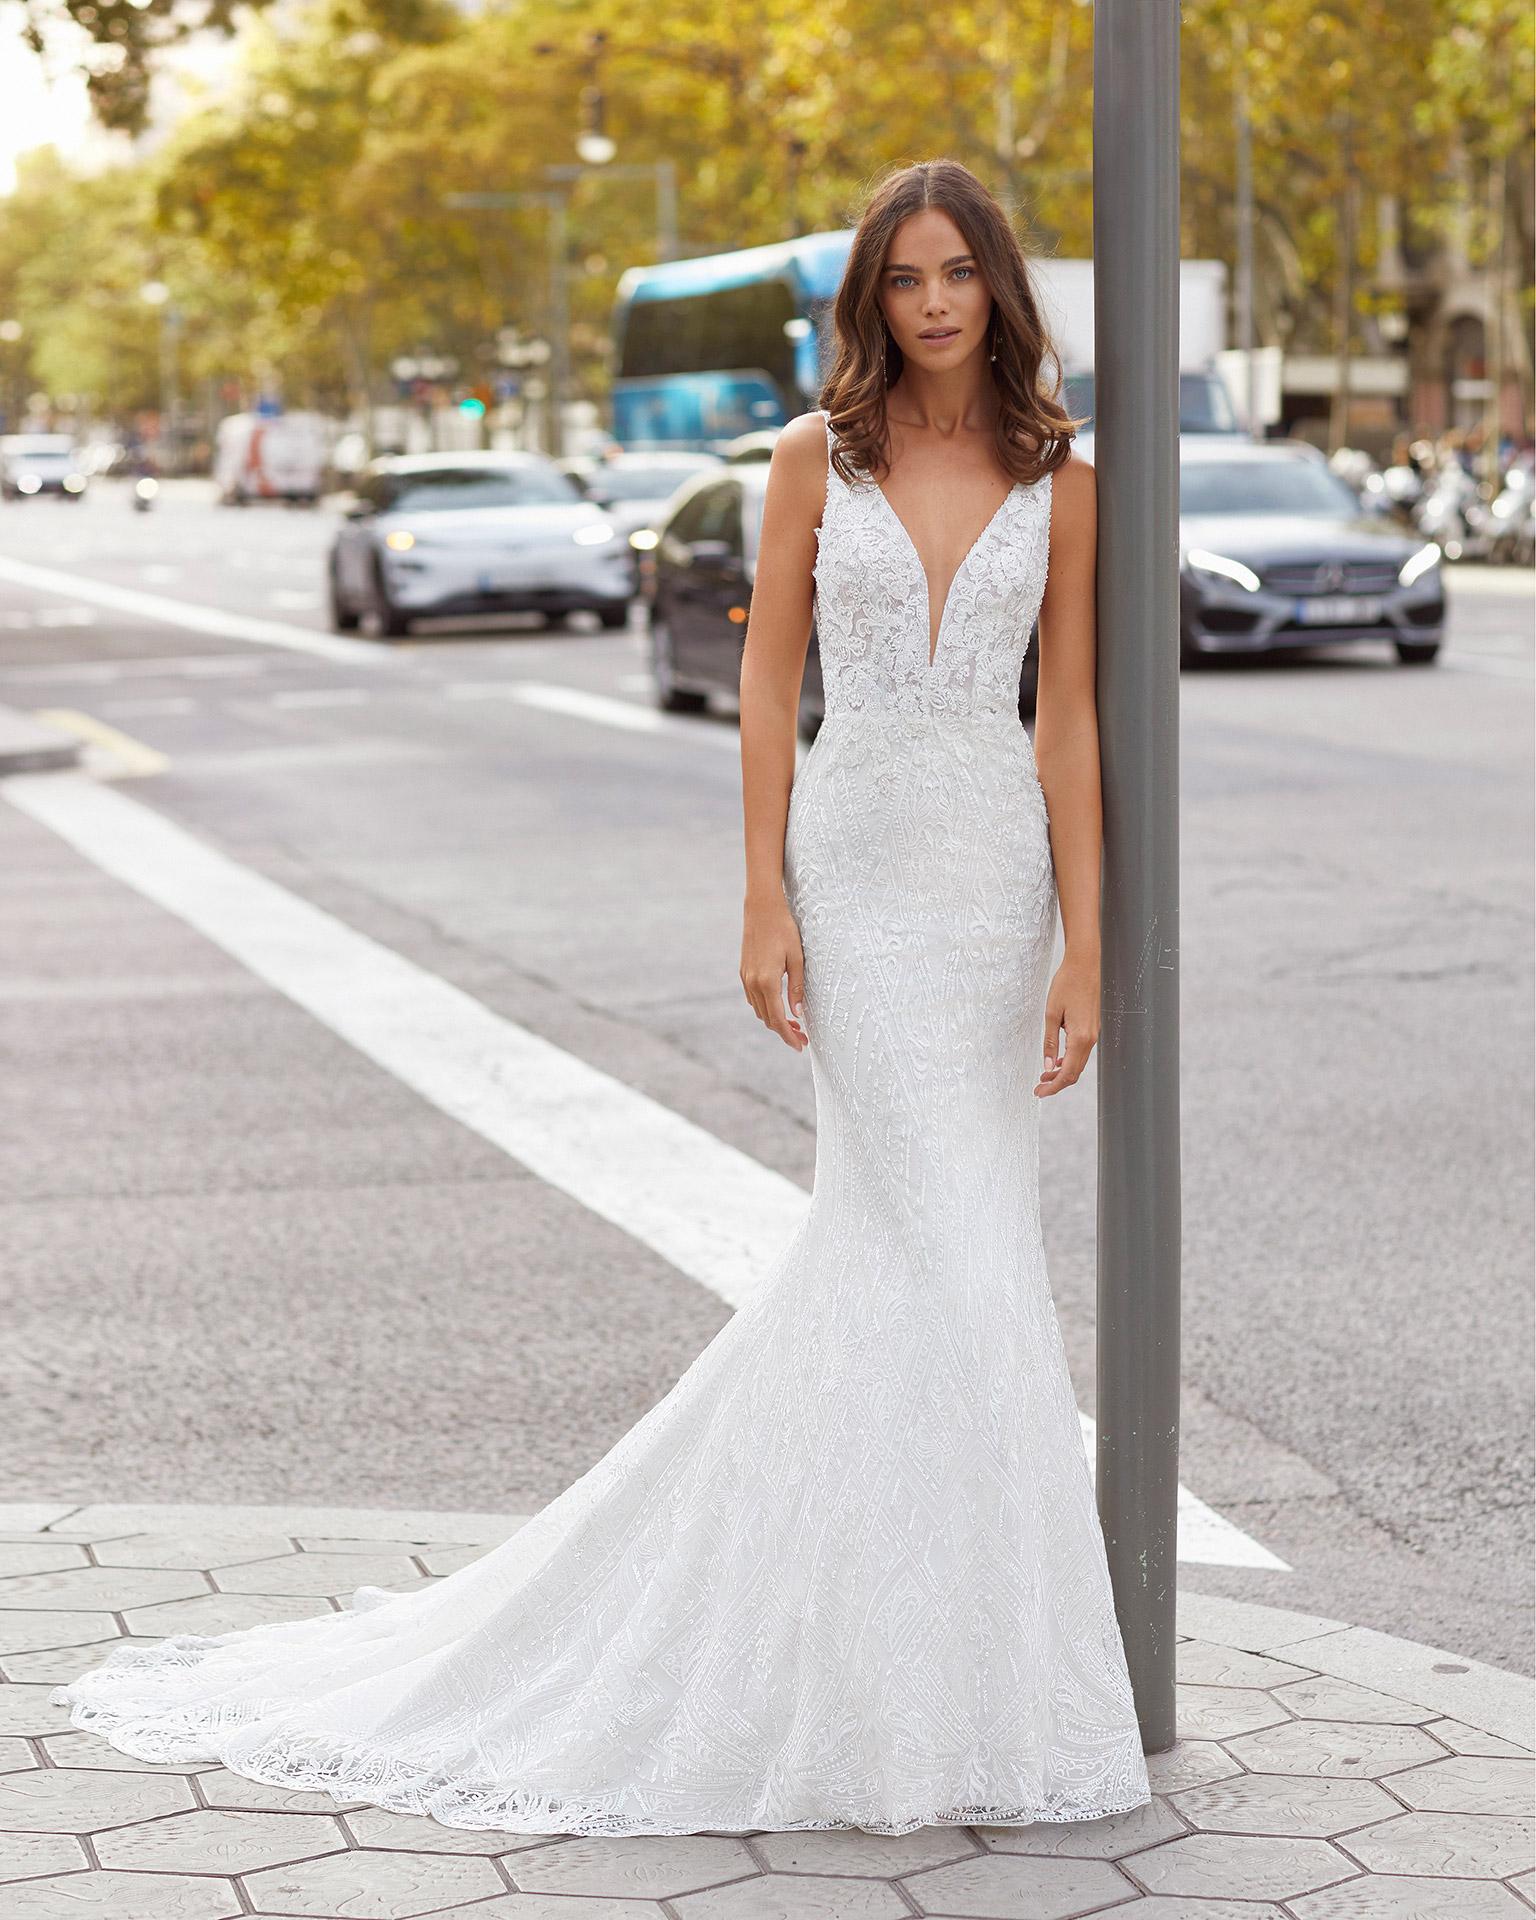 Vestido de novia corte sirena de encaje y pedrería. Escote deep plunge y espalda en V. Colección  2021.